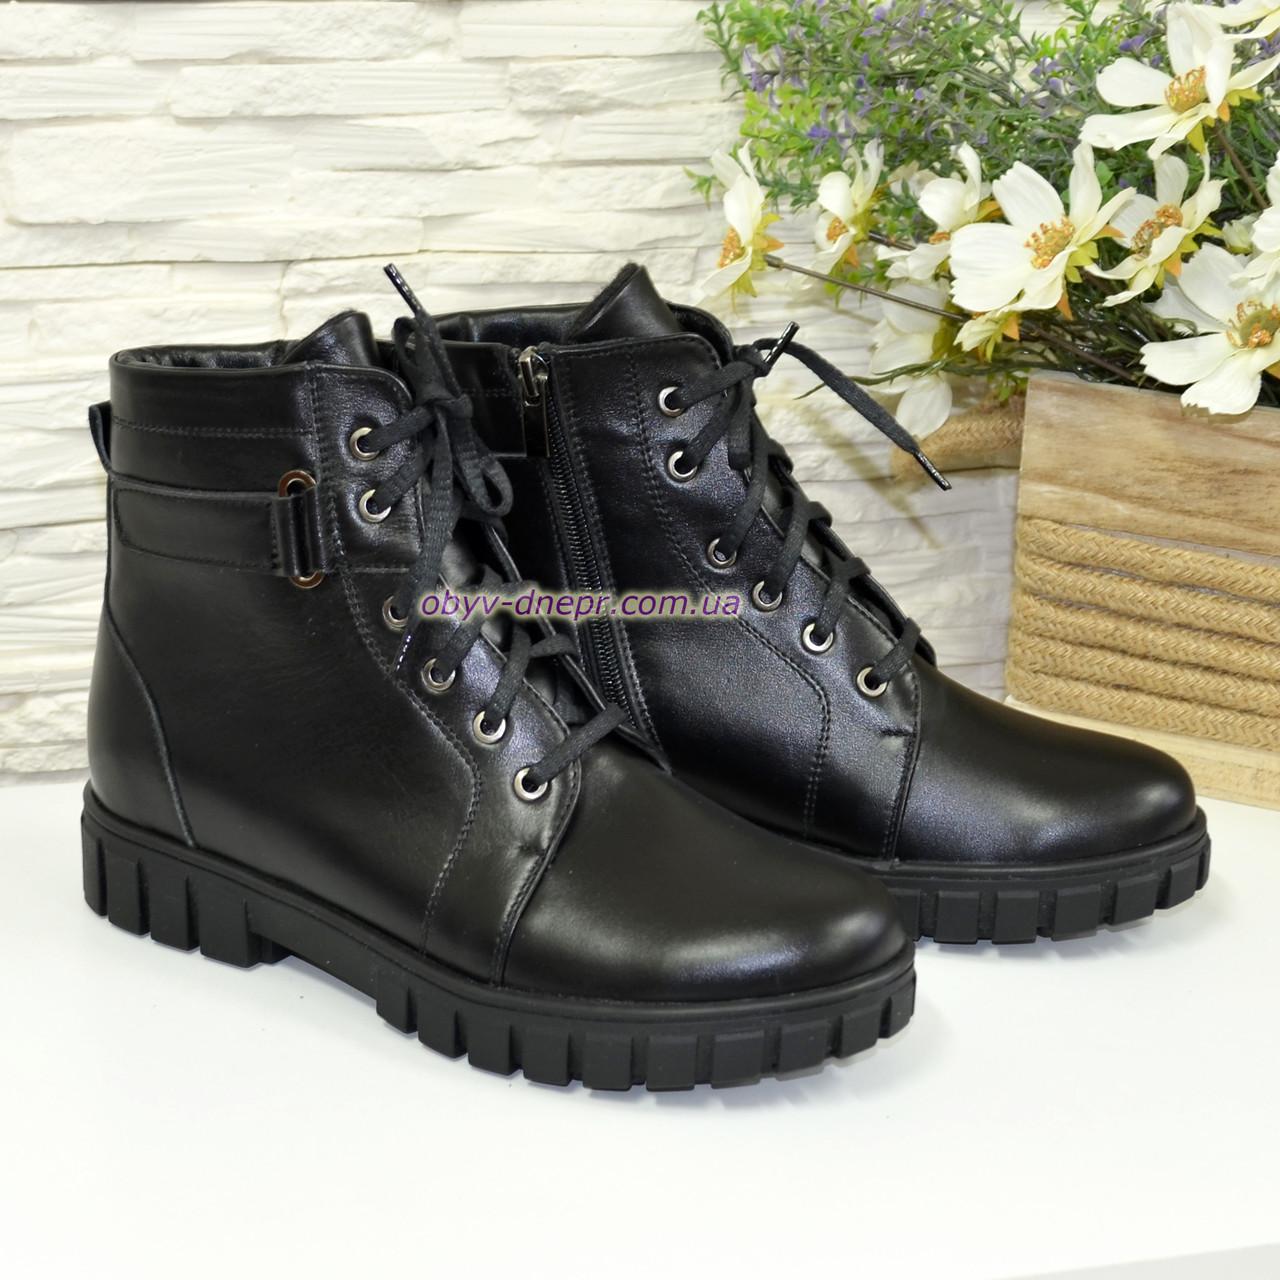 Ботинки кожаные подростковые на утолщённой подошве, черный цвет.